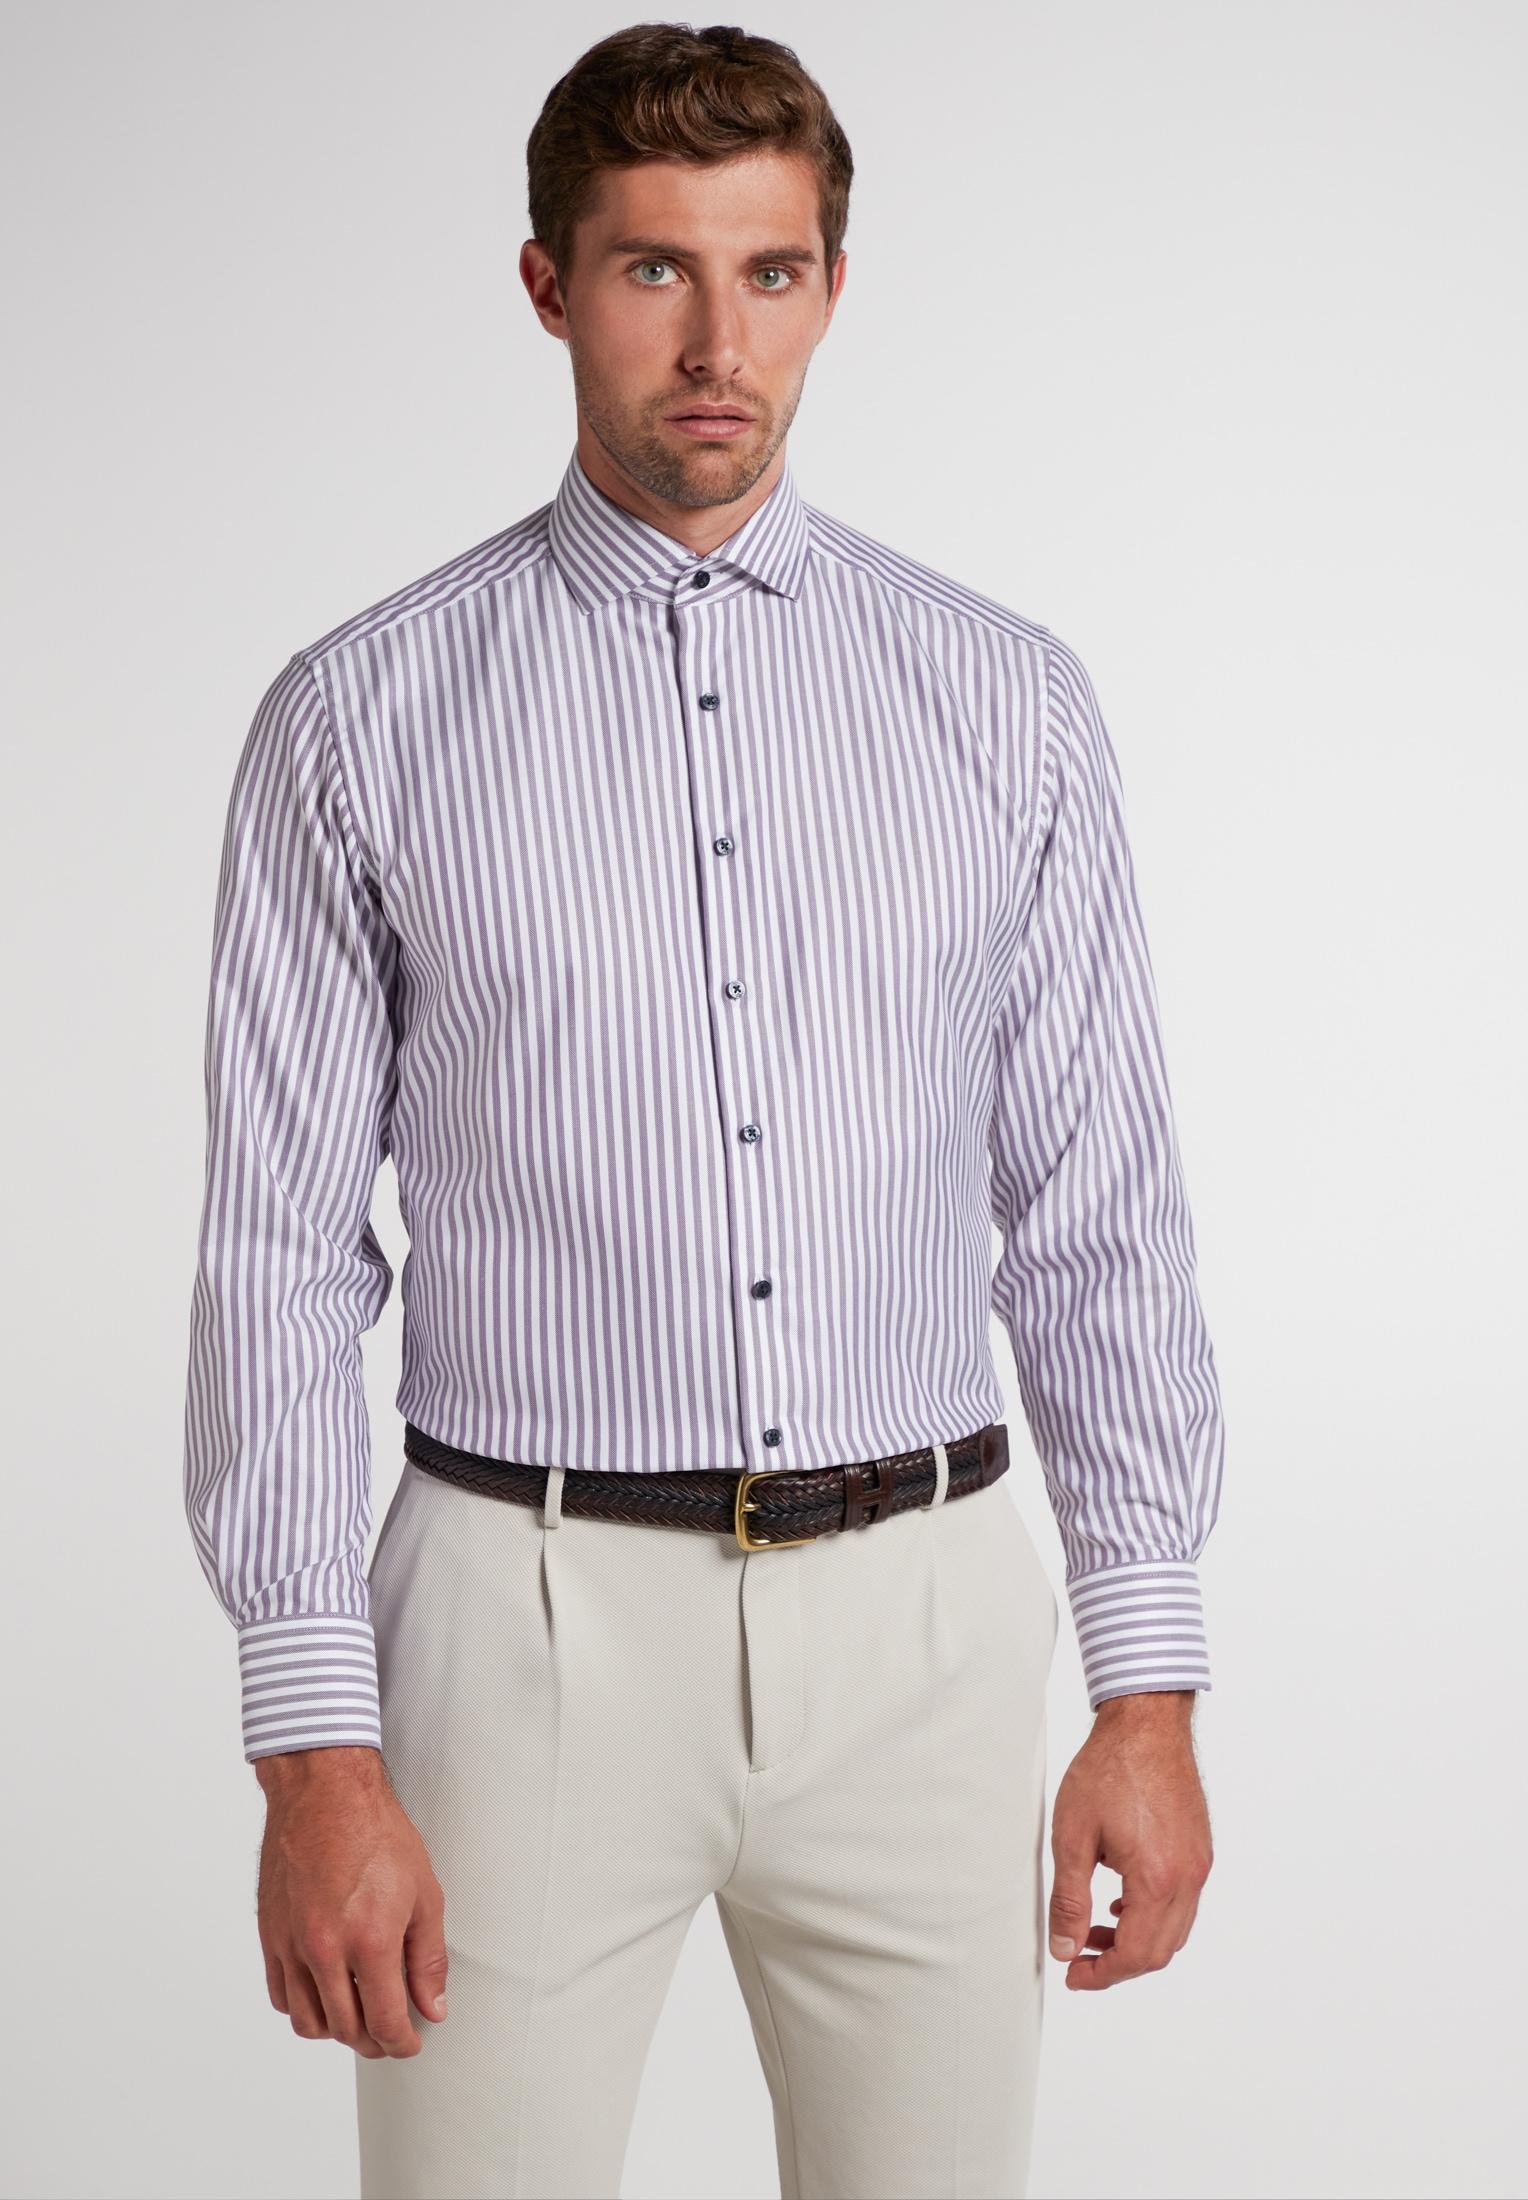 Eterna Businesshemd MODERN FIT, Langarm lila Herren Business Hemden Businessmode